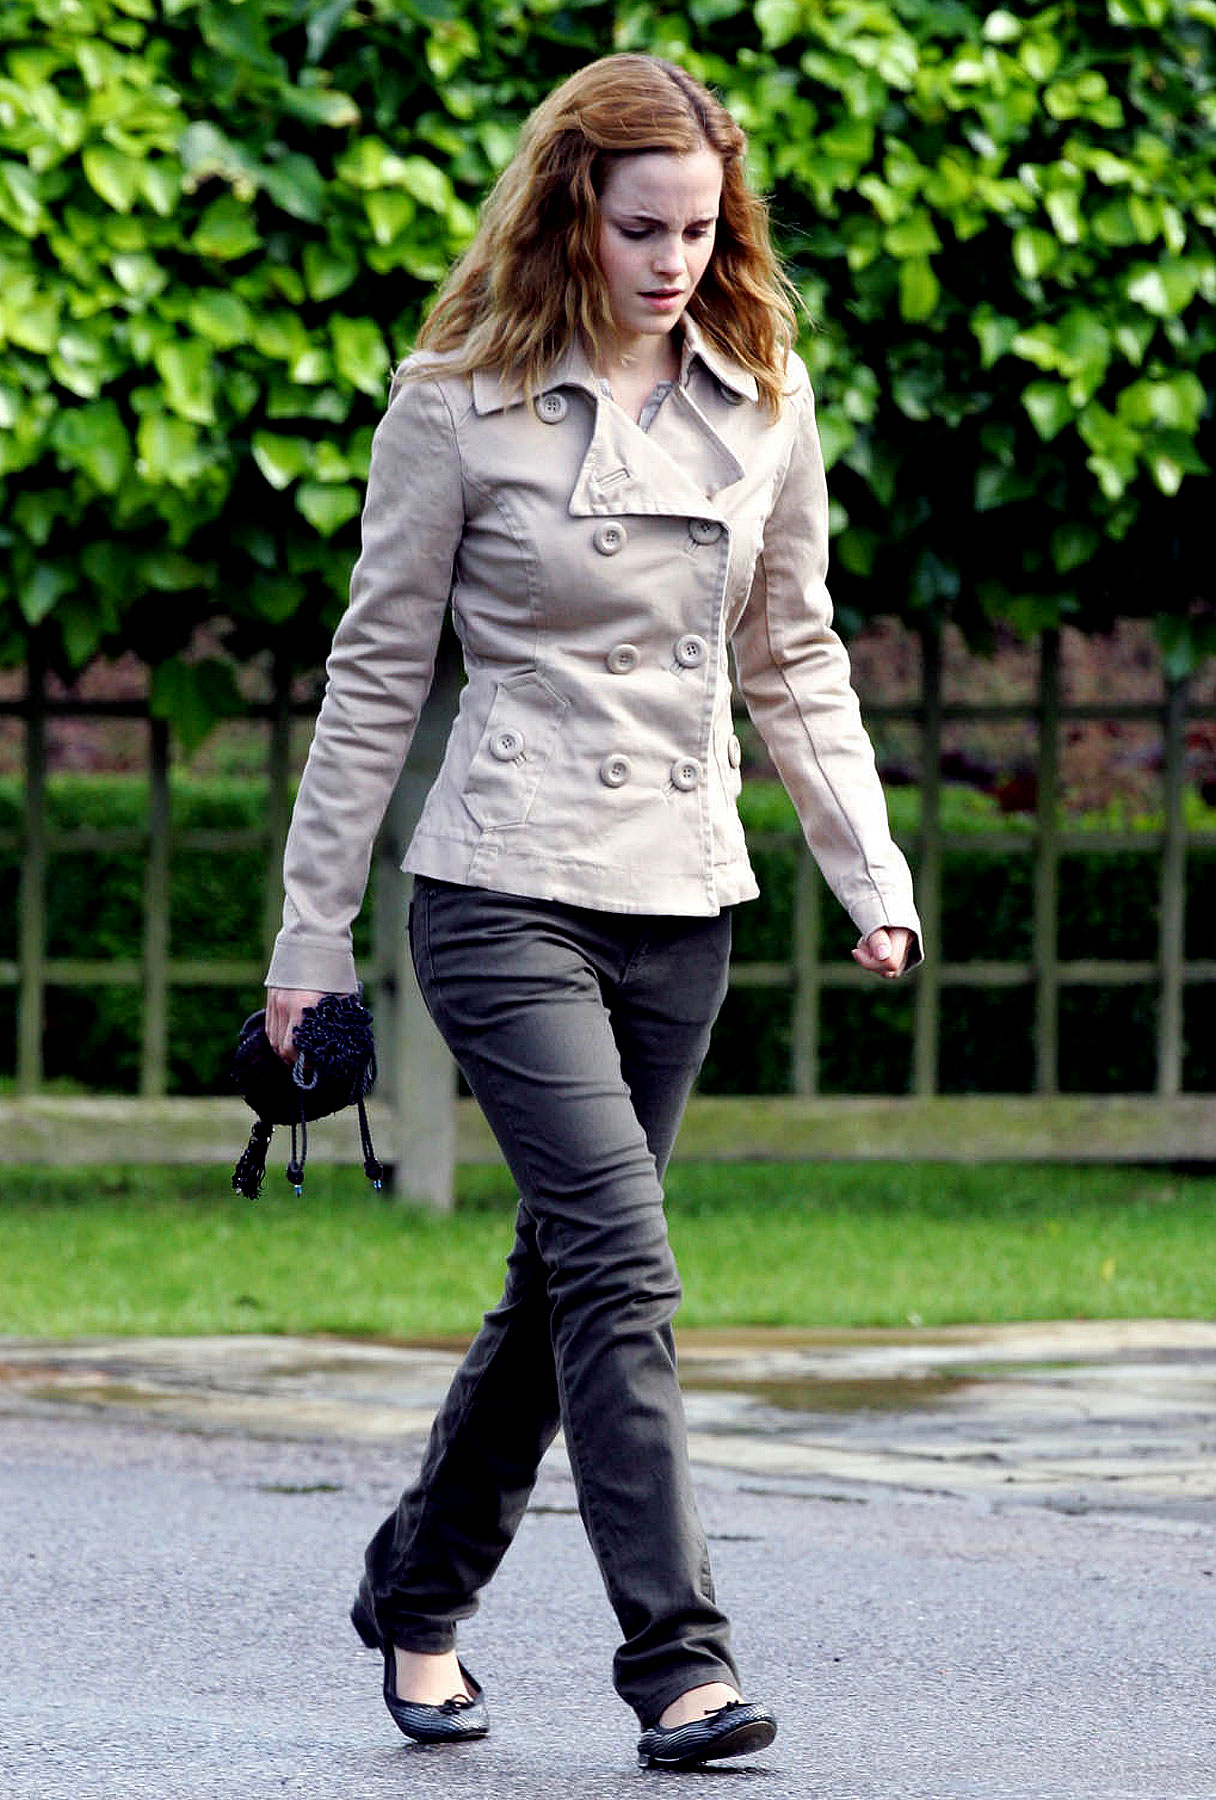 PHOTO GALLERY: Emma Watson on 'Deathly Hallows' Set